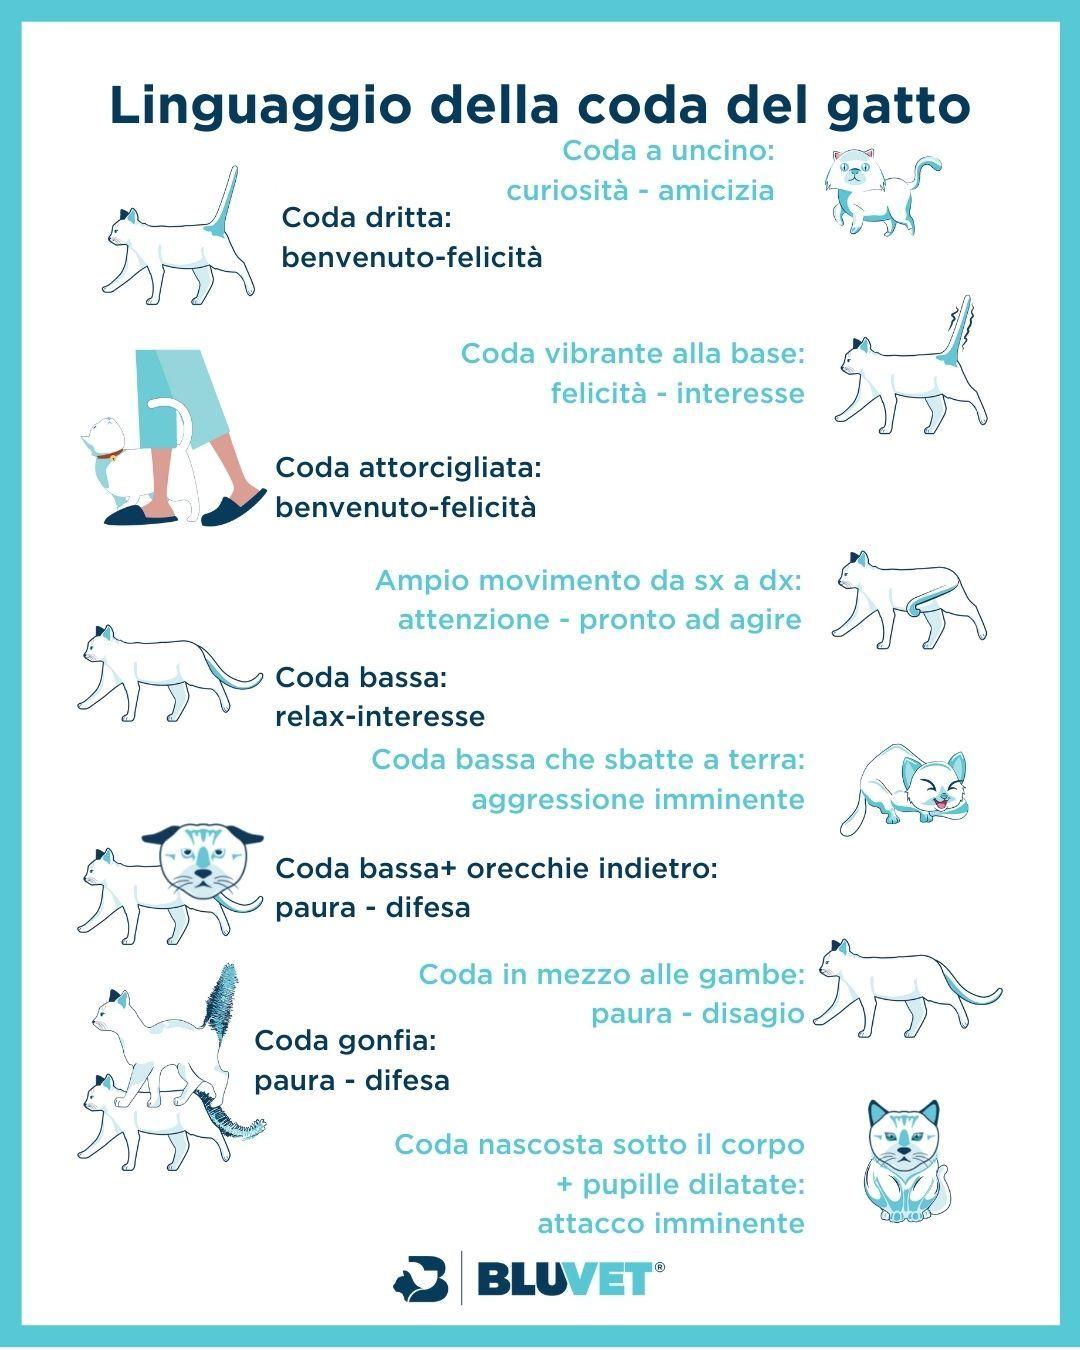 linguaggio della coda del gatto